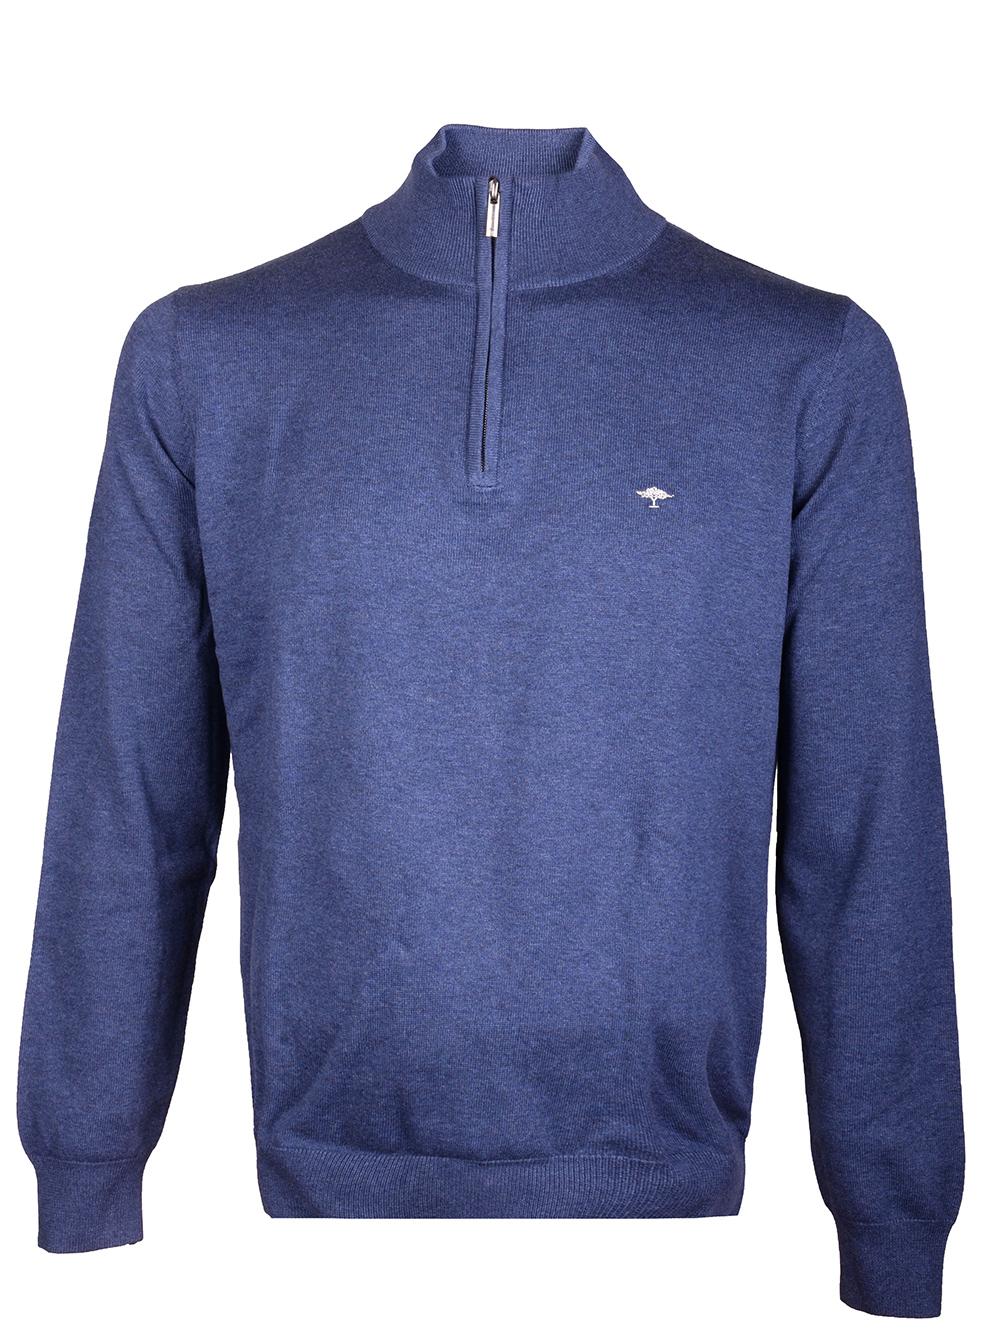 FYNCH-HATTON Μπλούζα zip-neck 1220 216-680 ΜΠΛΕ